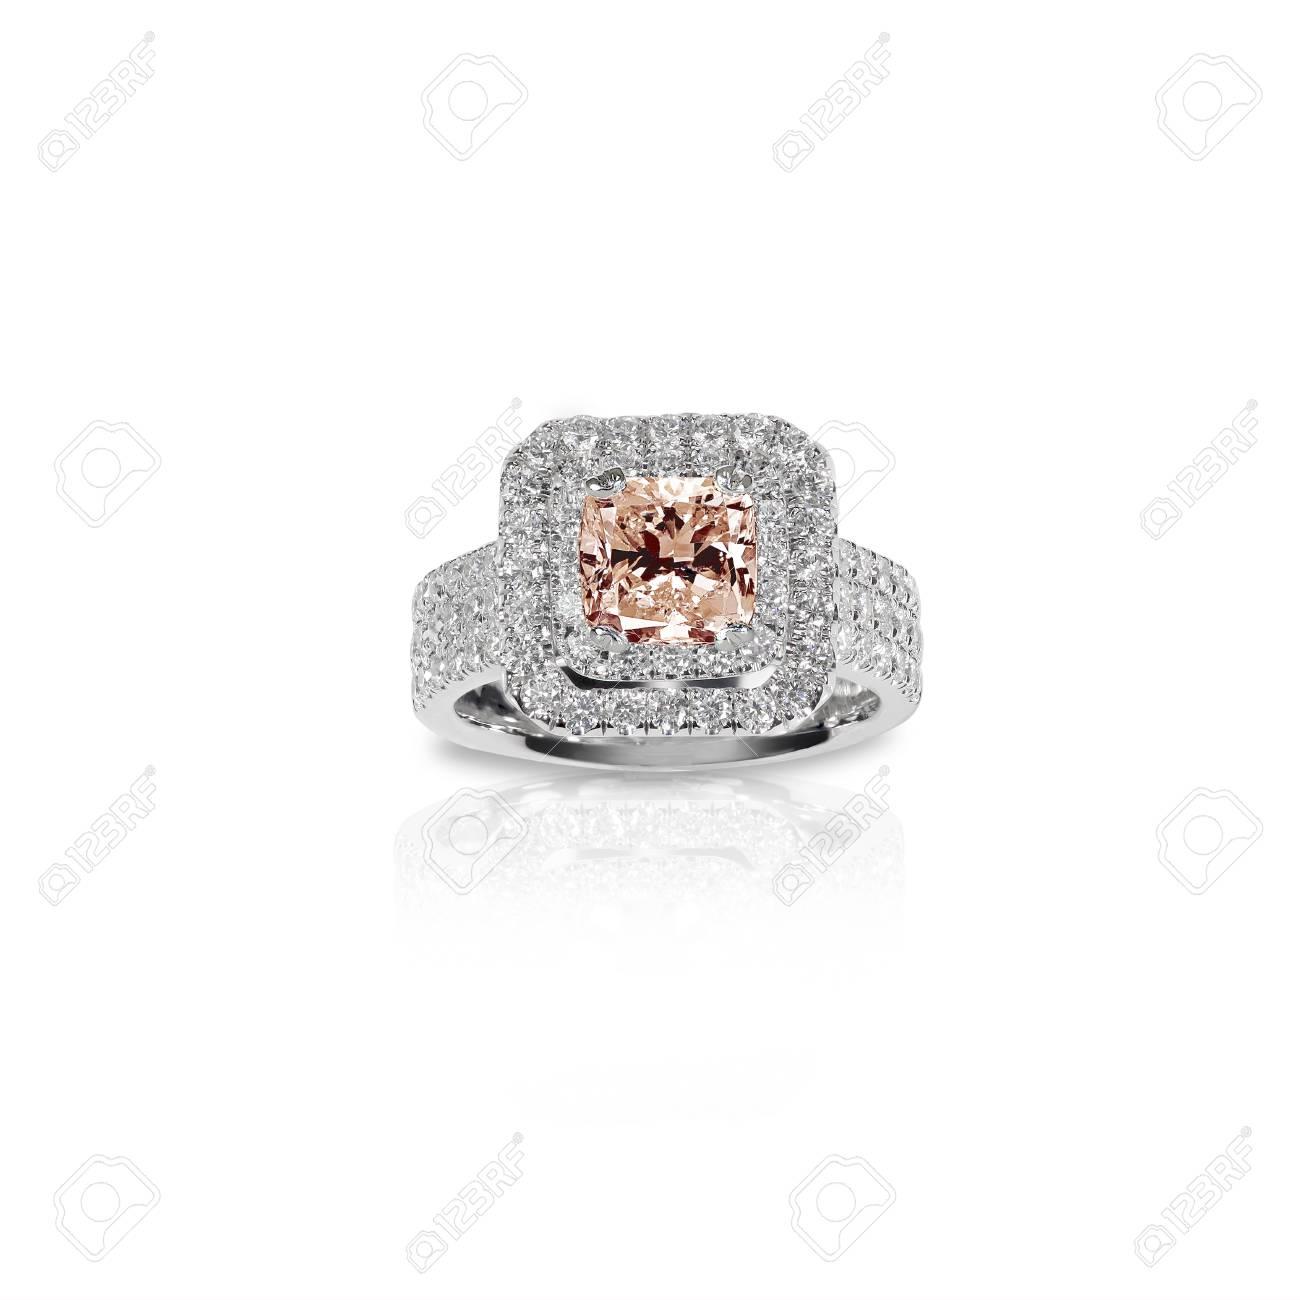 venta de liquidación excepcional gama de colores estilos frescos Melocotón Pink Morganite Anillo de compromiso hermoso diamante. Corte de  princesa cuadrada de piedras preciosas rodeado por dos halo de diamantes.  ...